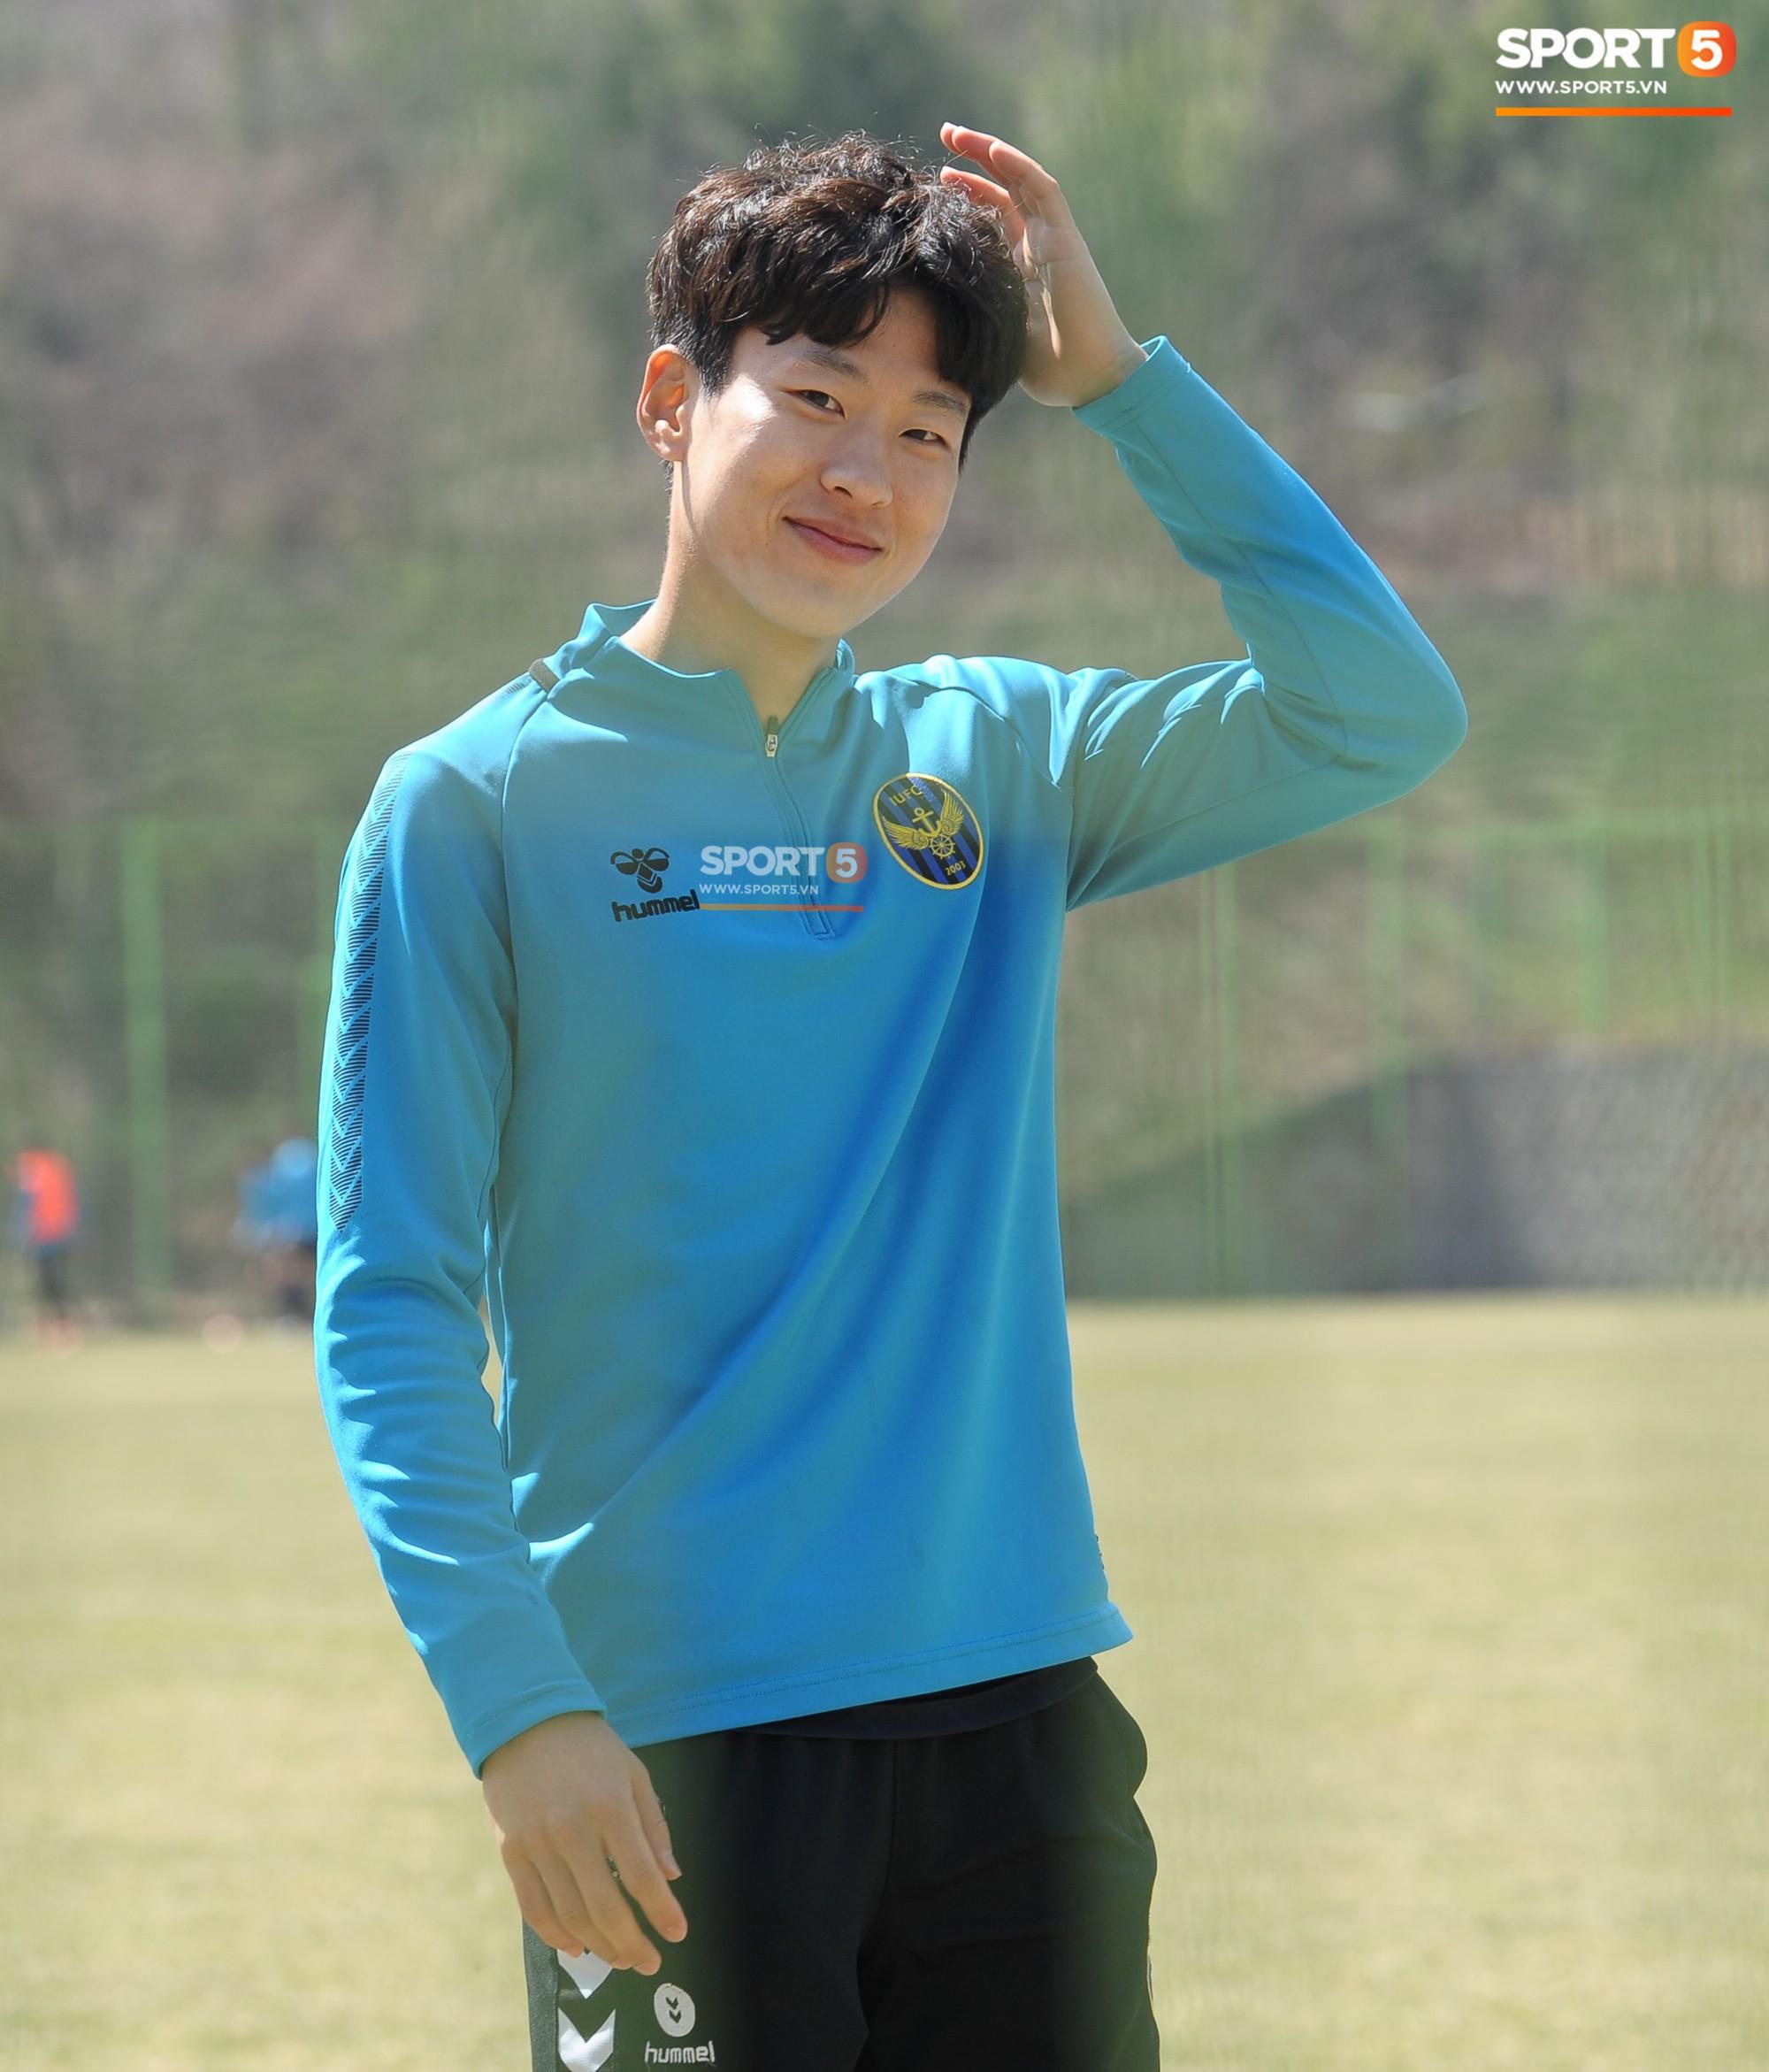 Ngắm các đồng đội của Công Phượng tại Hàn Quốc, fan trầm trồ: Đá